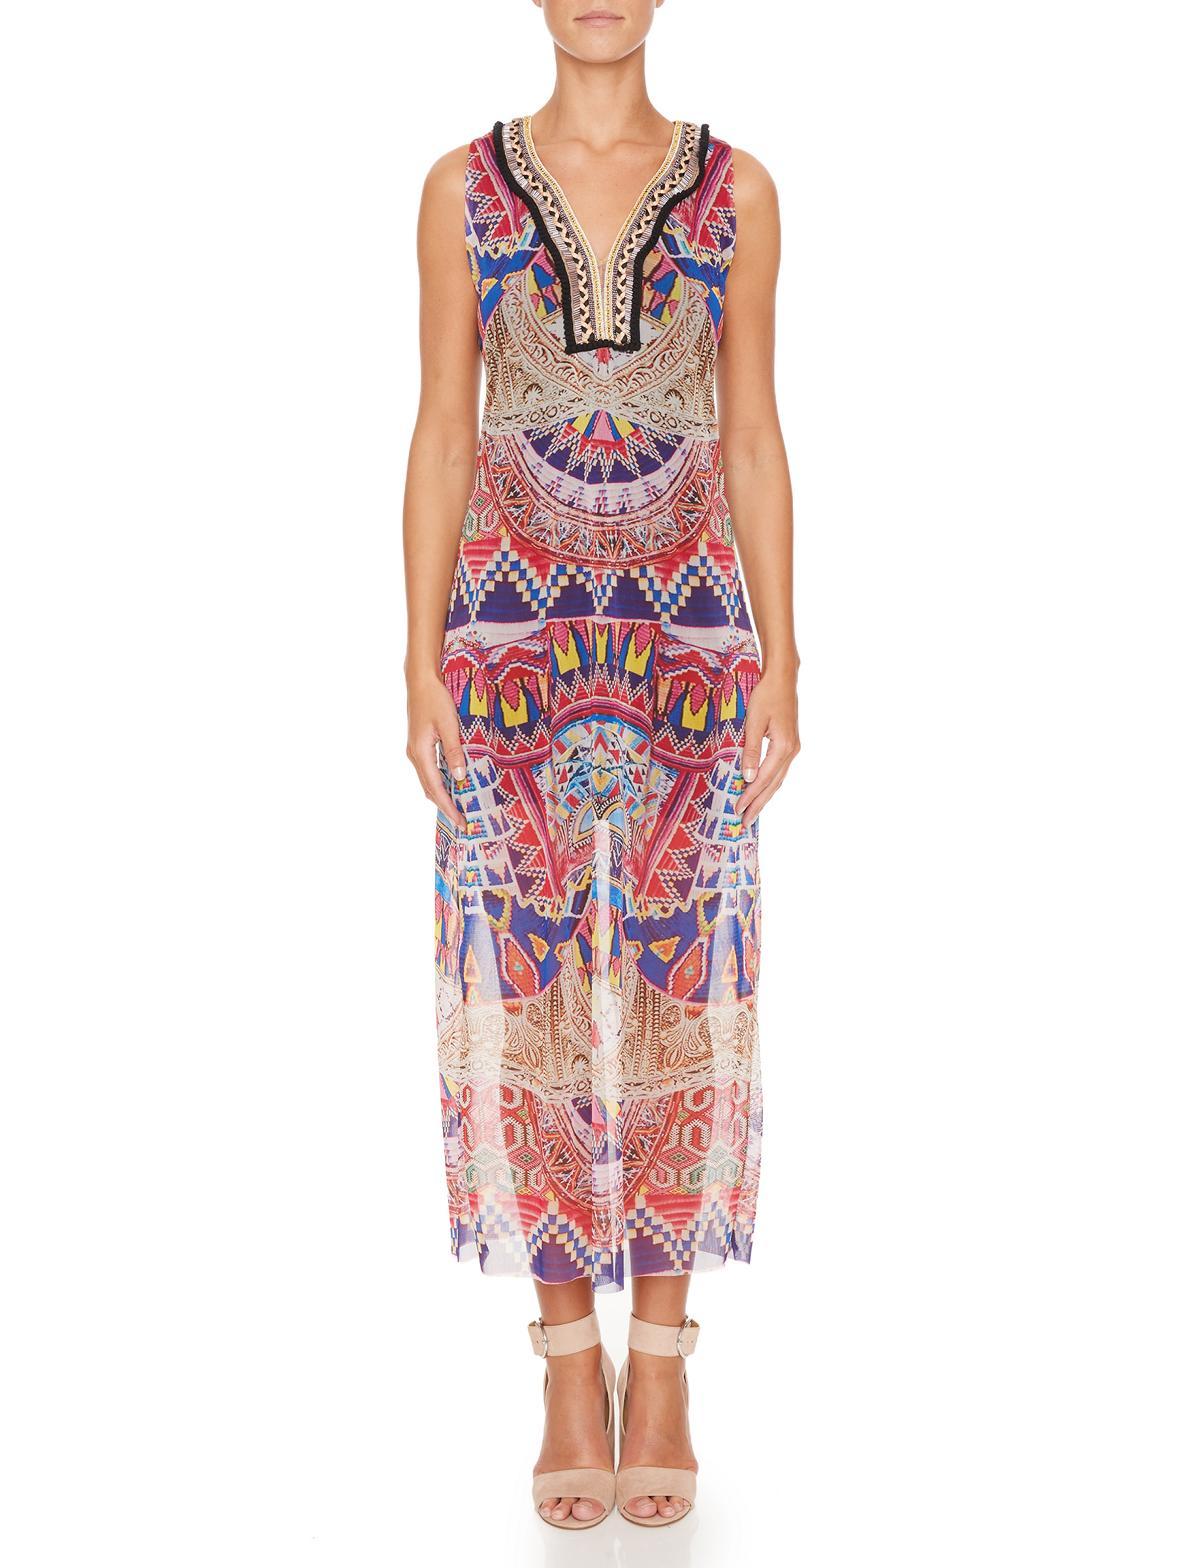 Vorderansicht von Ana Alcazar Maxi Kleid Melibenas  angezogen an Model